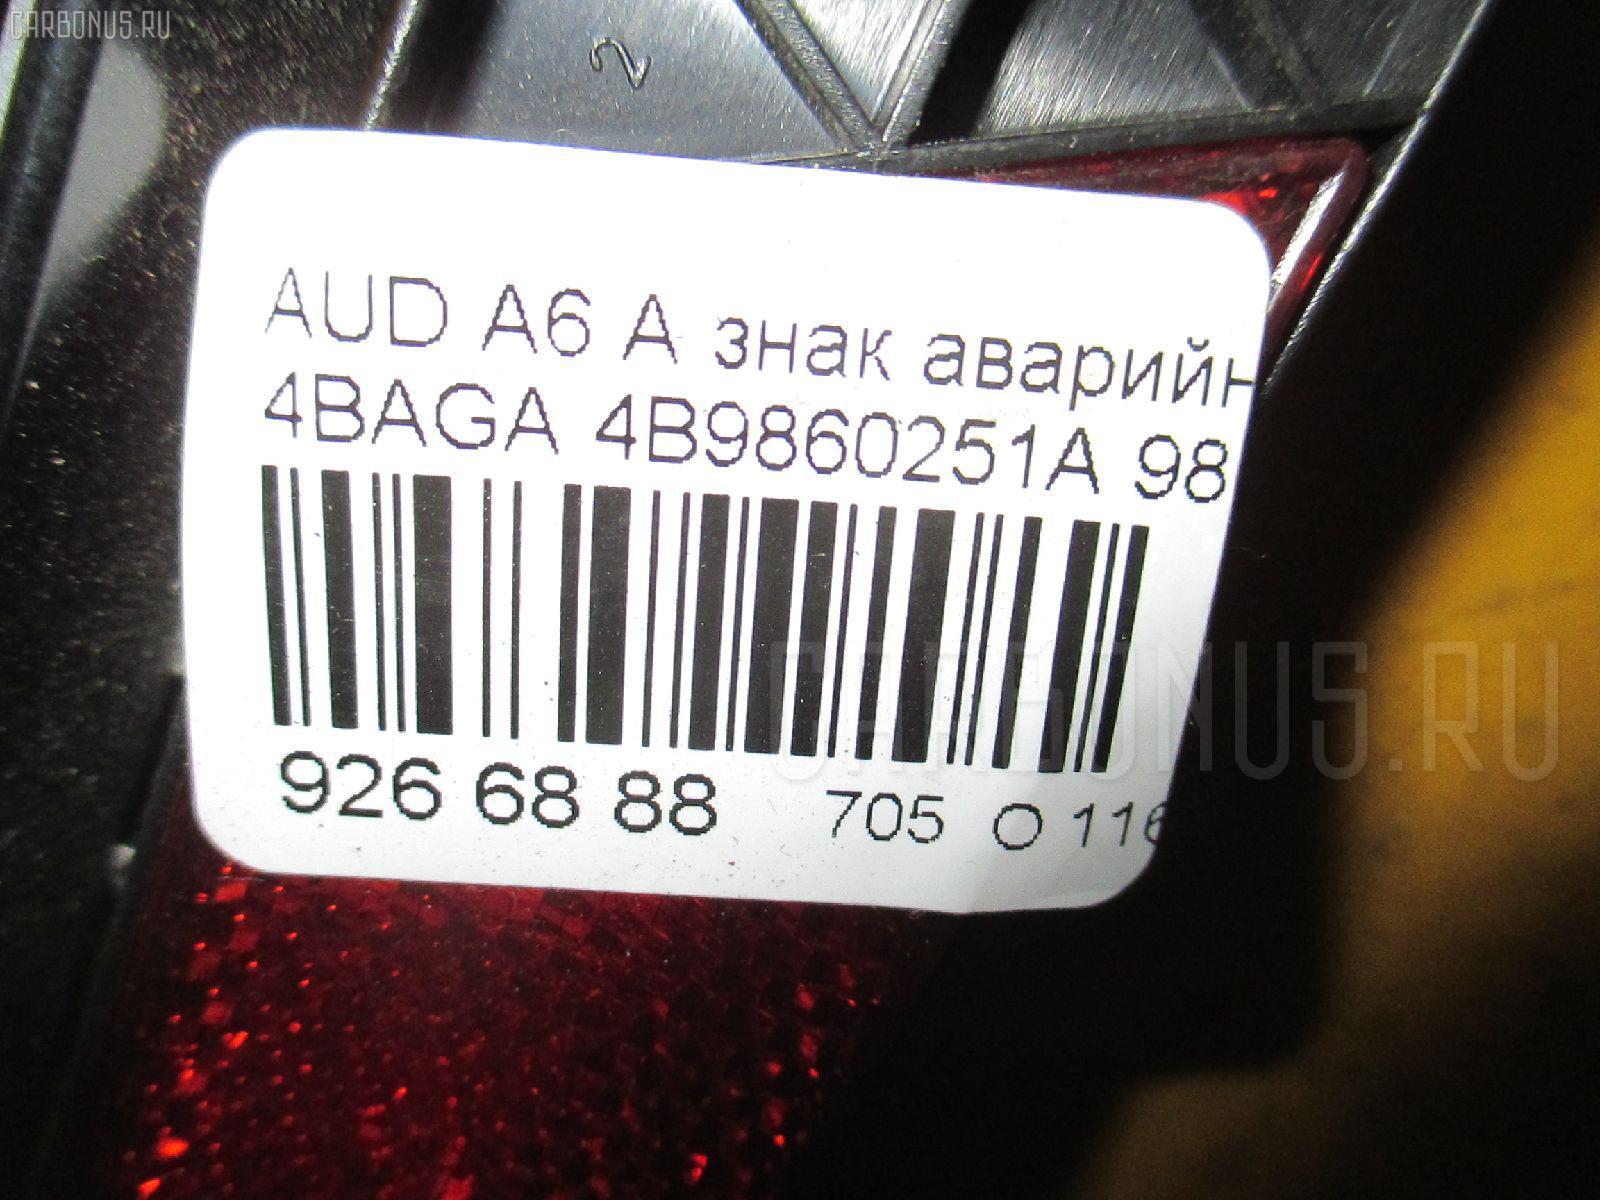 Знак аварийной остановки AUDI A6 AVANT 4BASNF 2002 VAG 4B9860251A 4WD 5D Фото 2